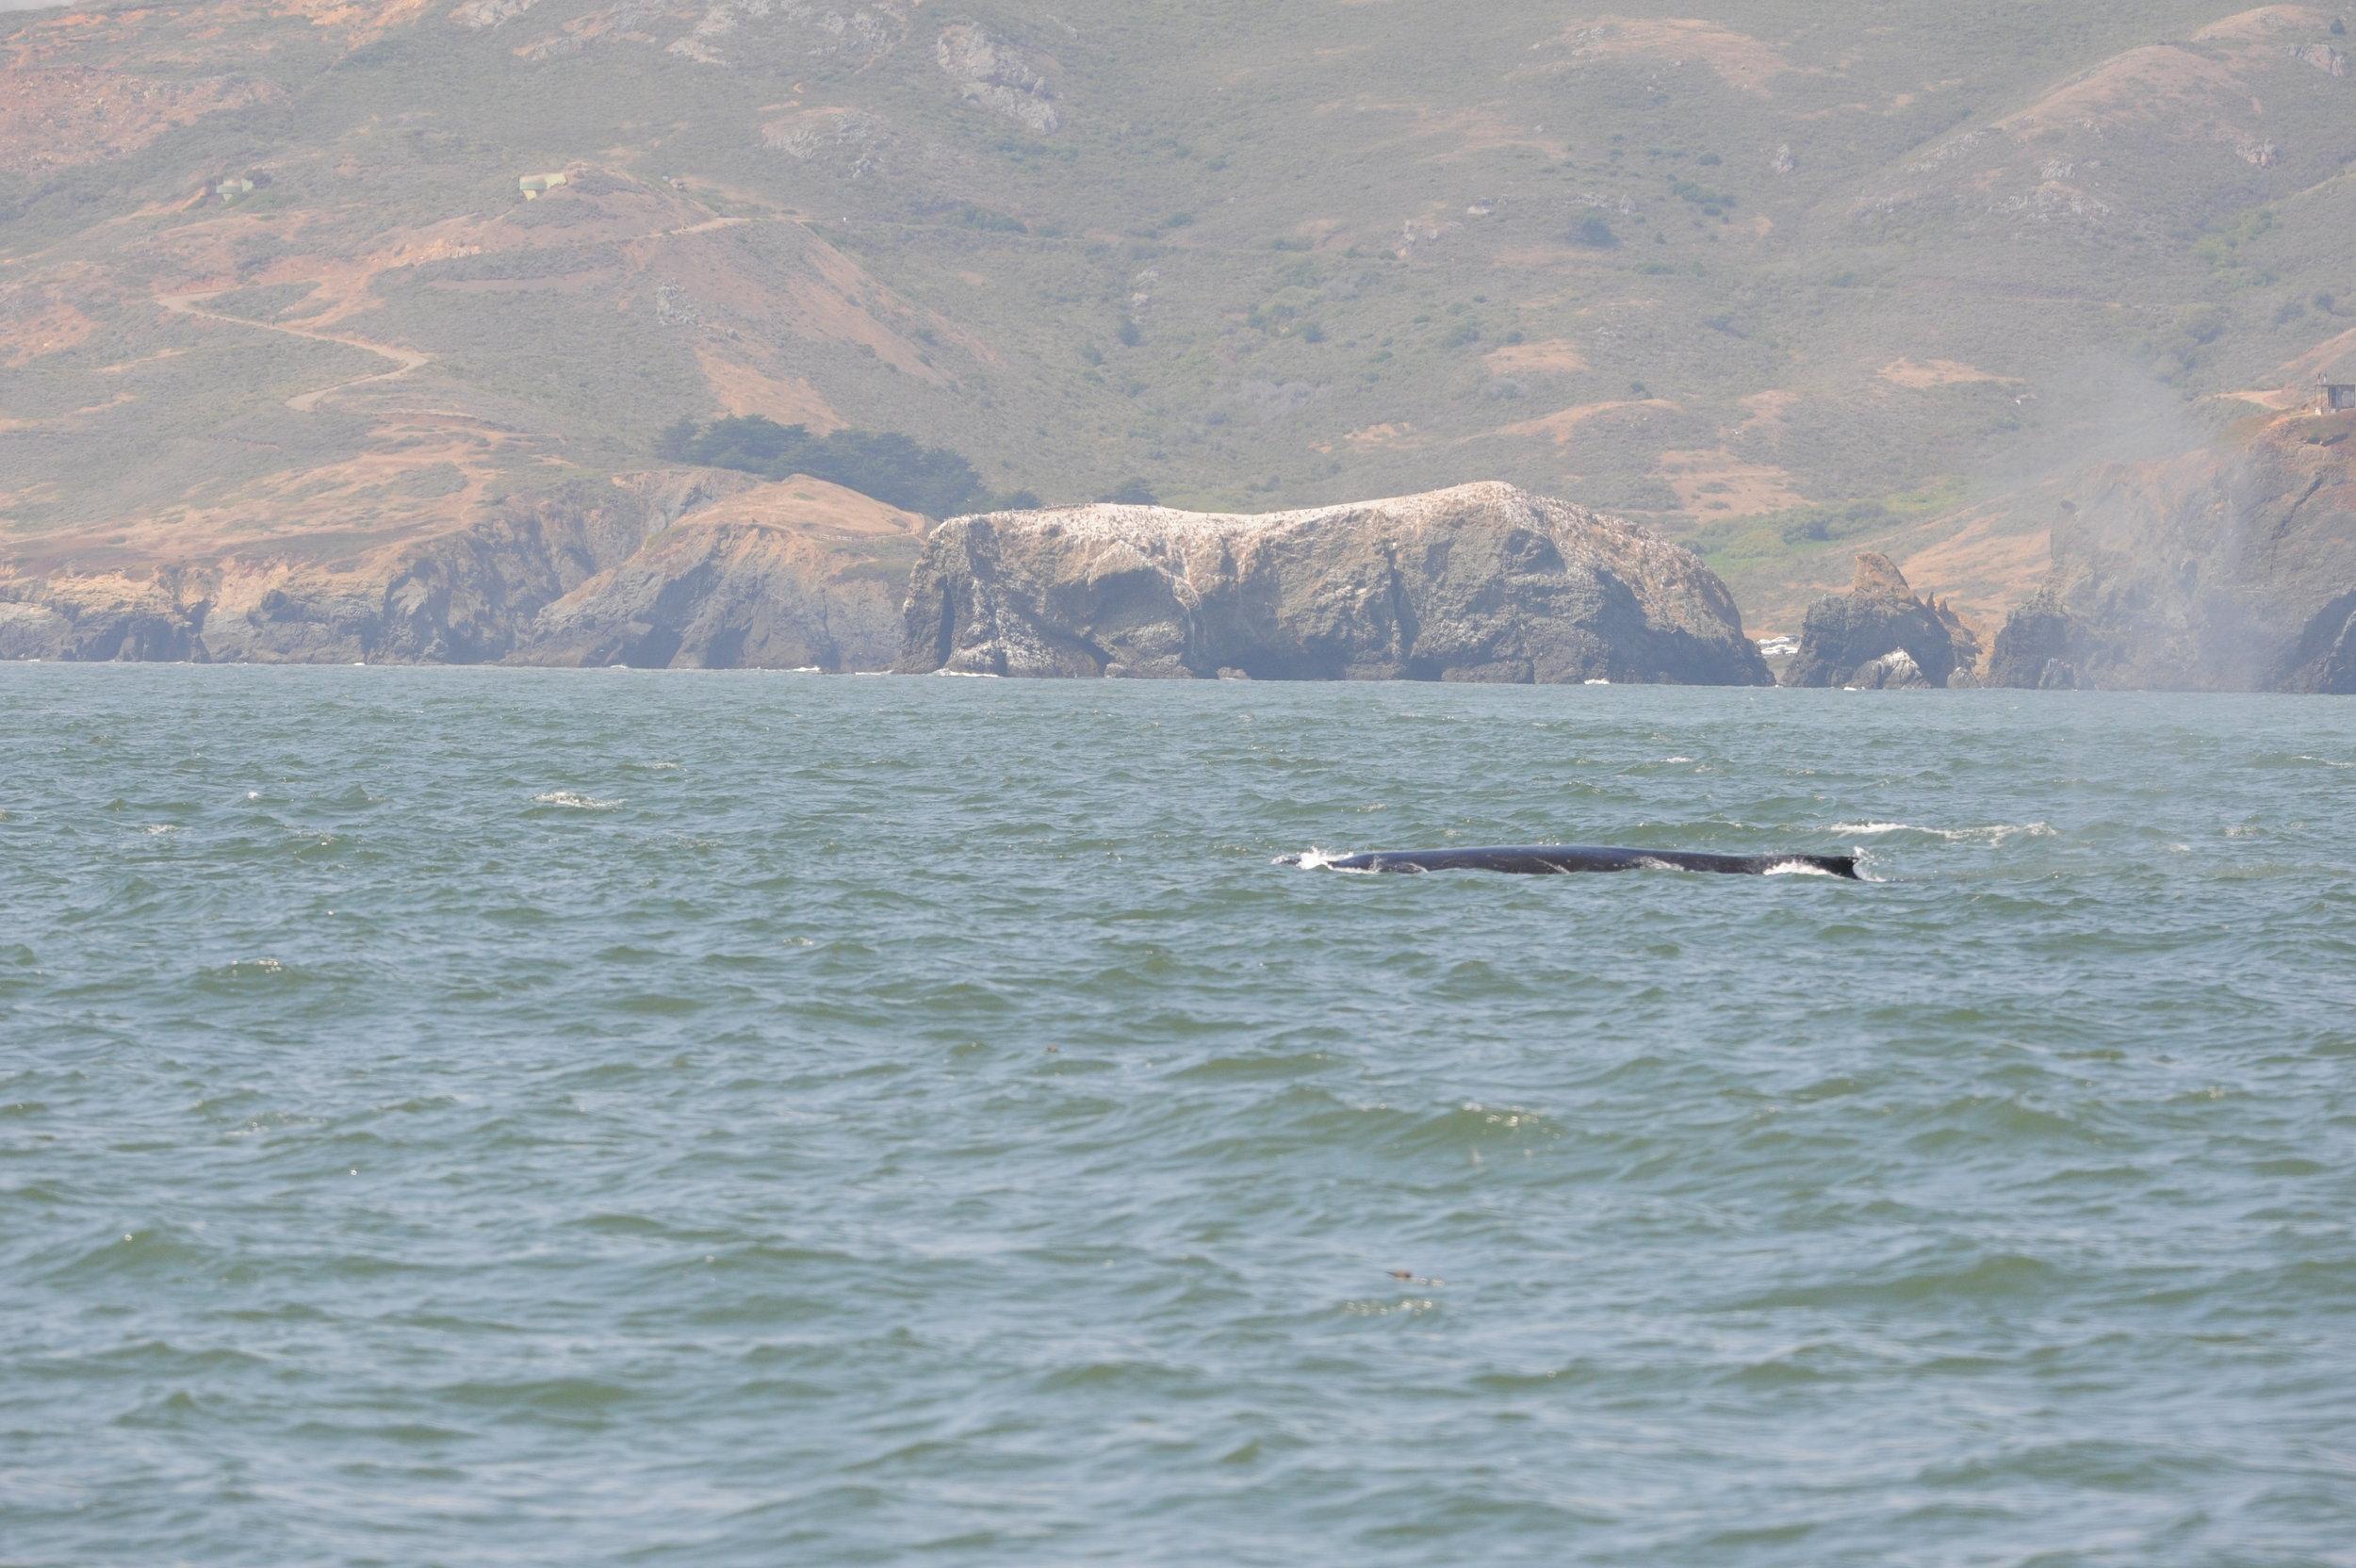 Humpback whale!